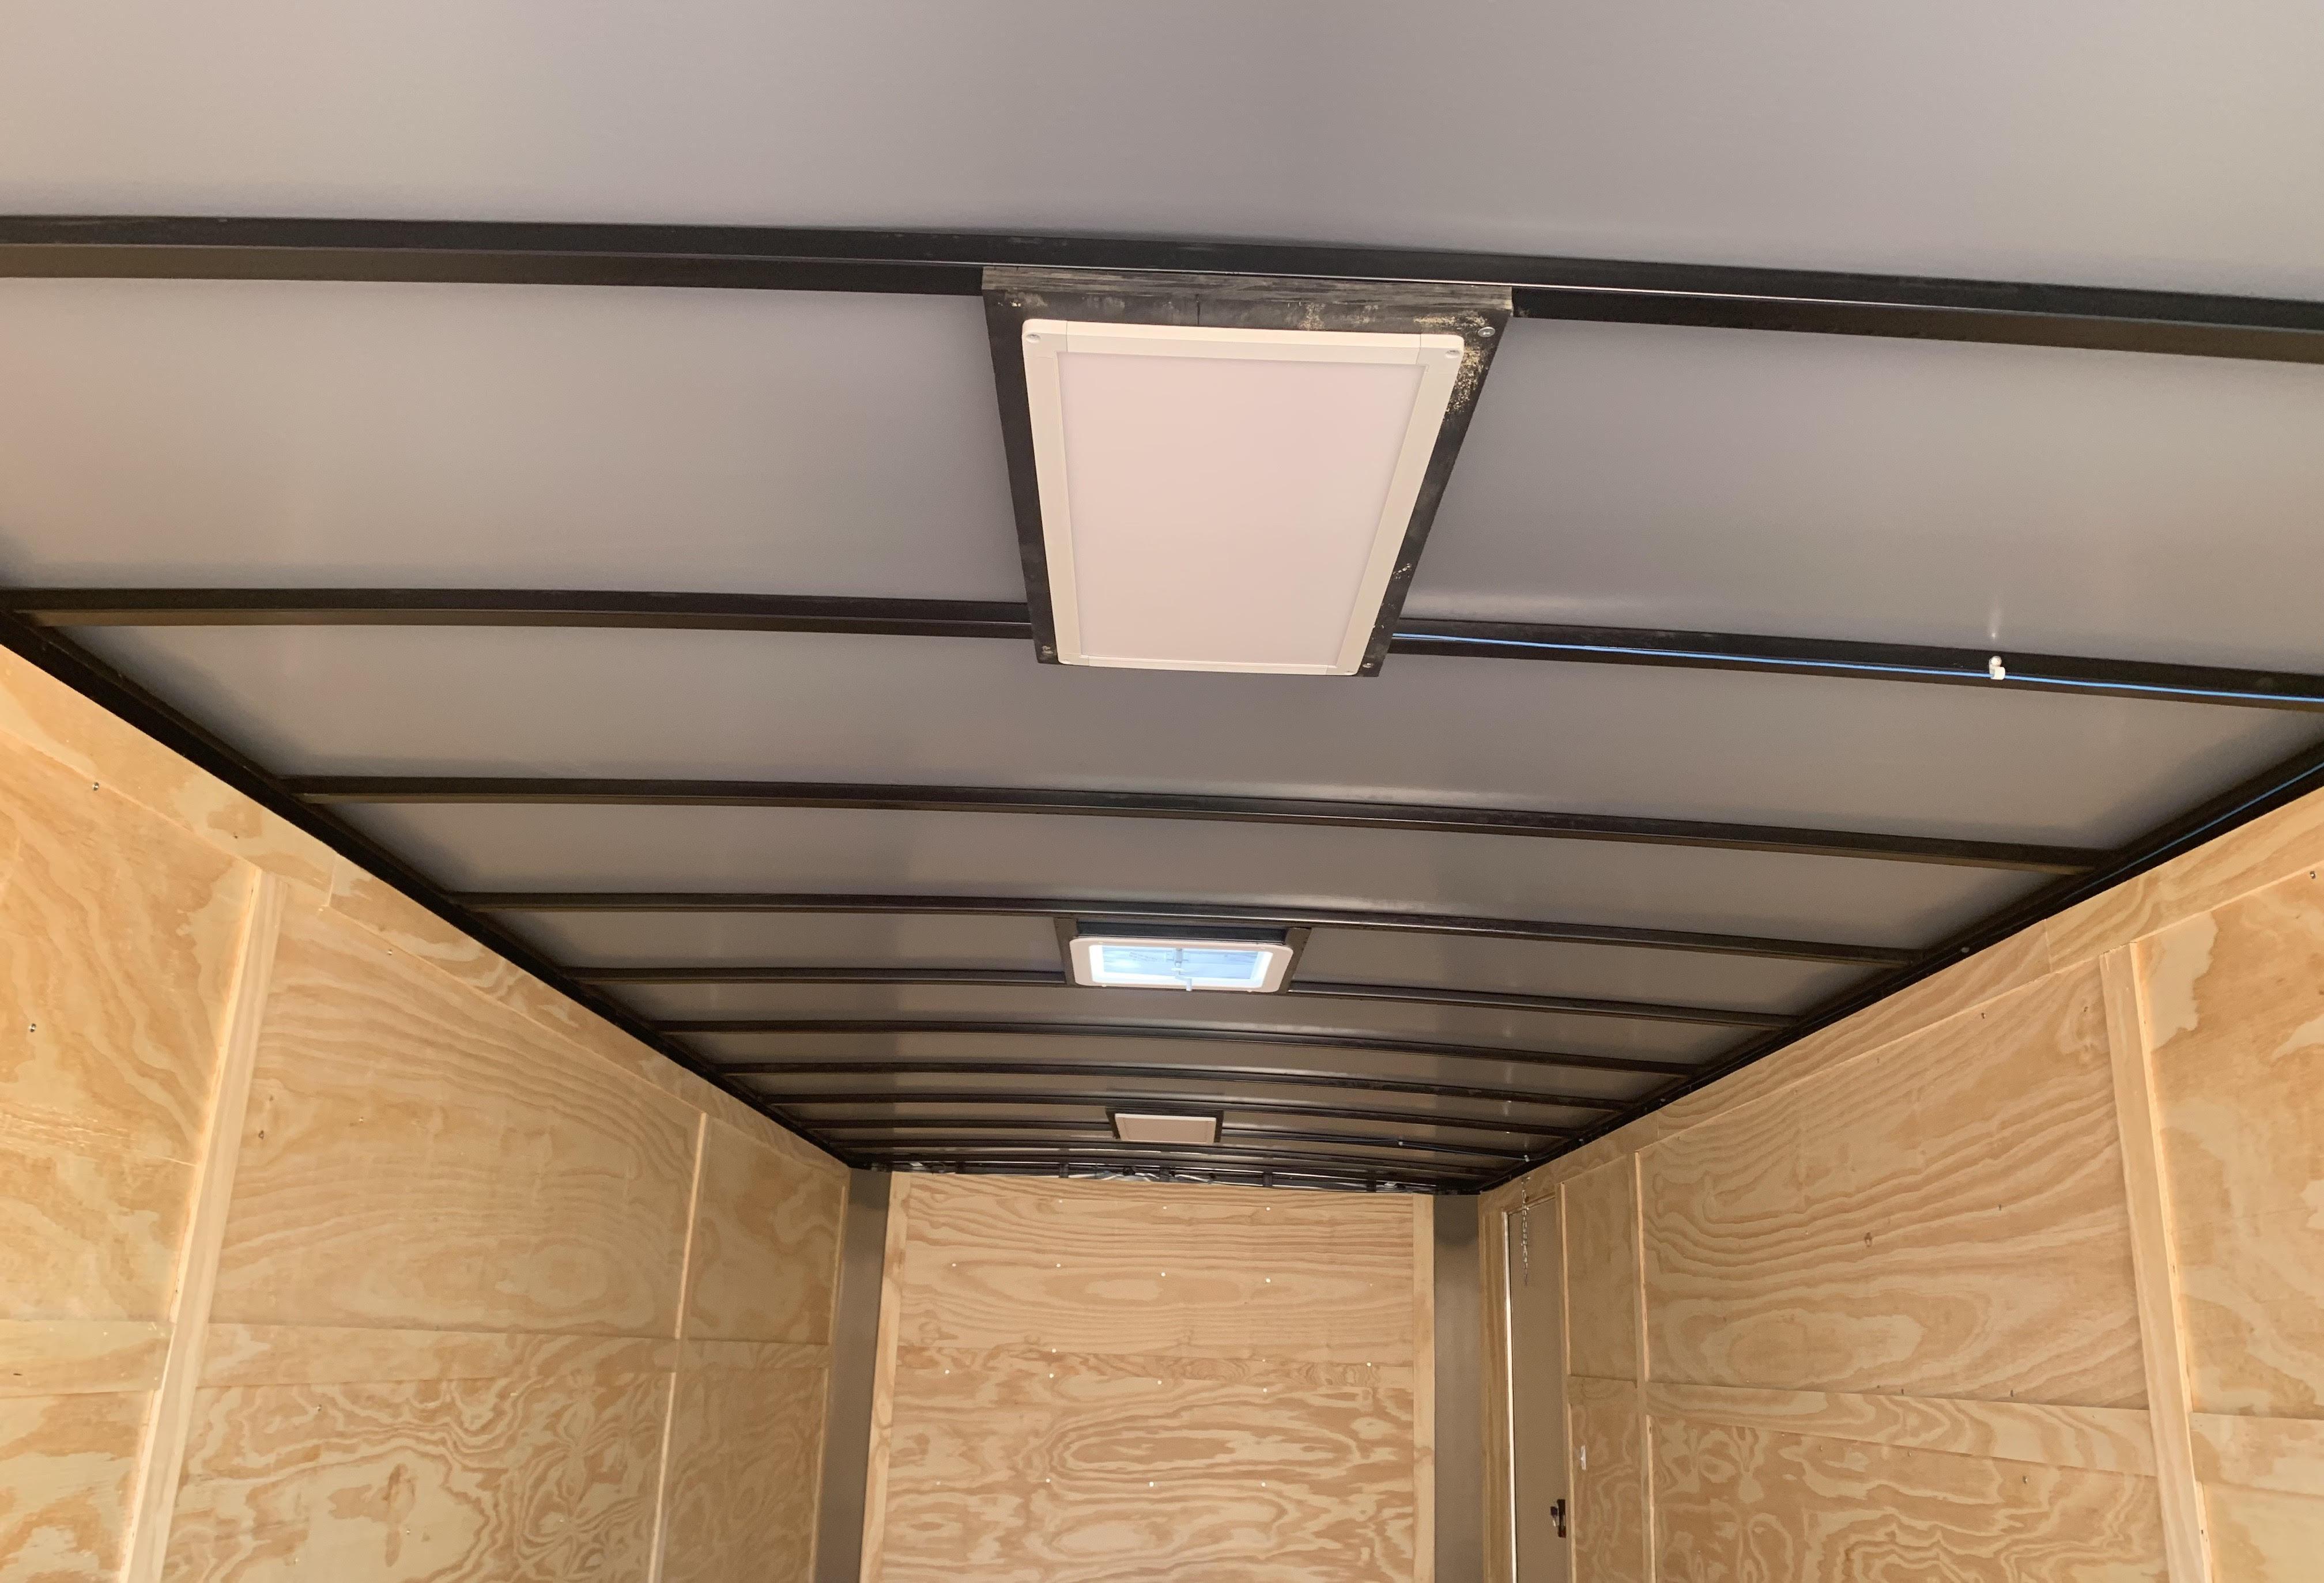 12V 2' LED Ceiling Light $85 per light